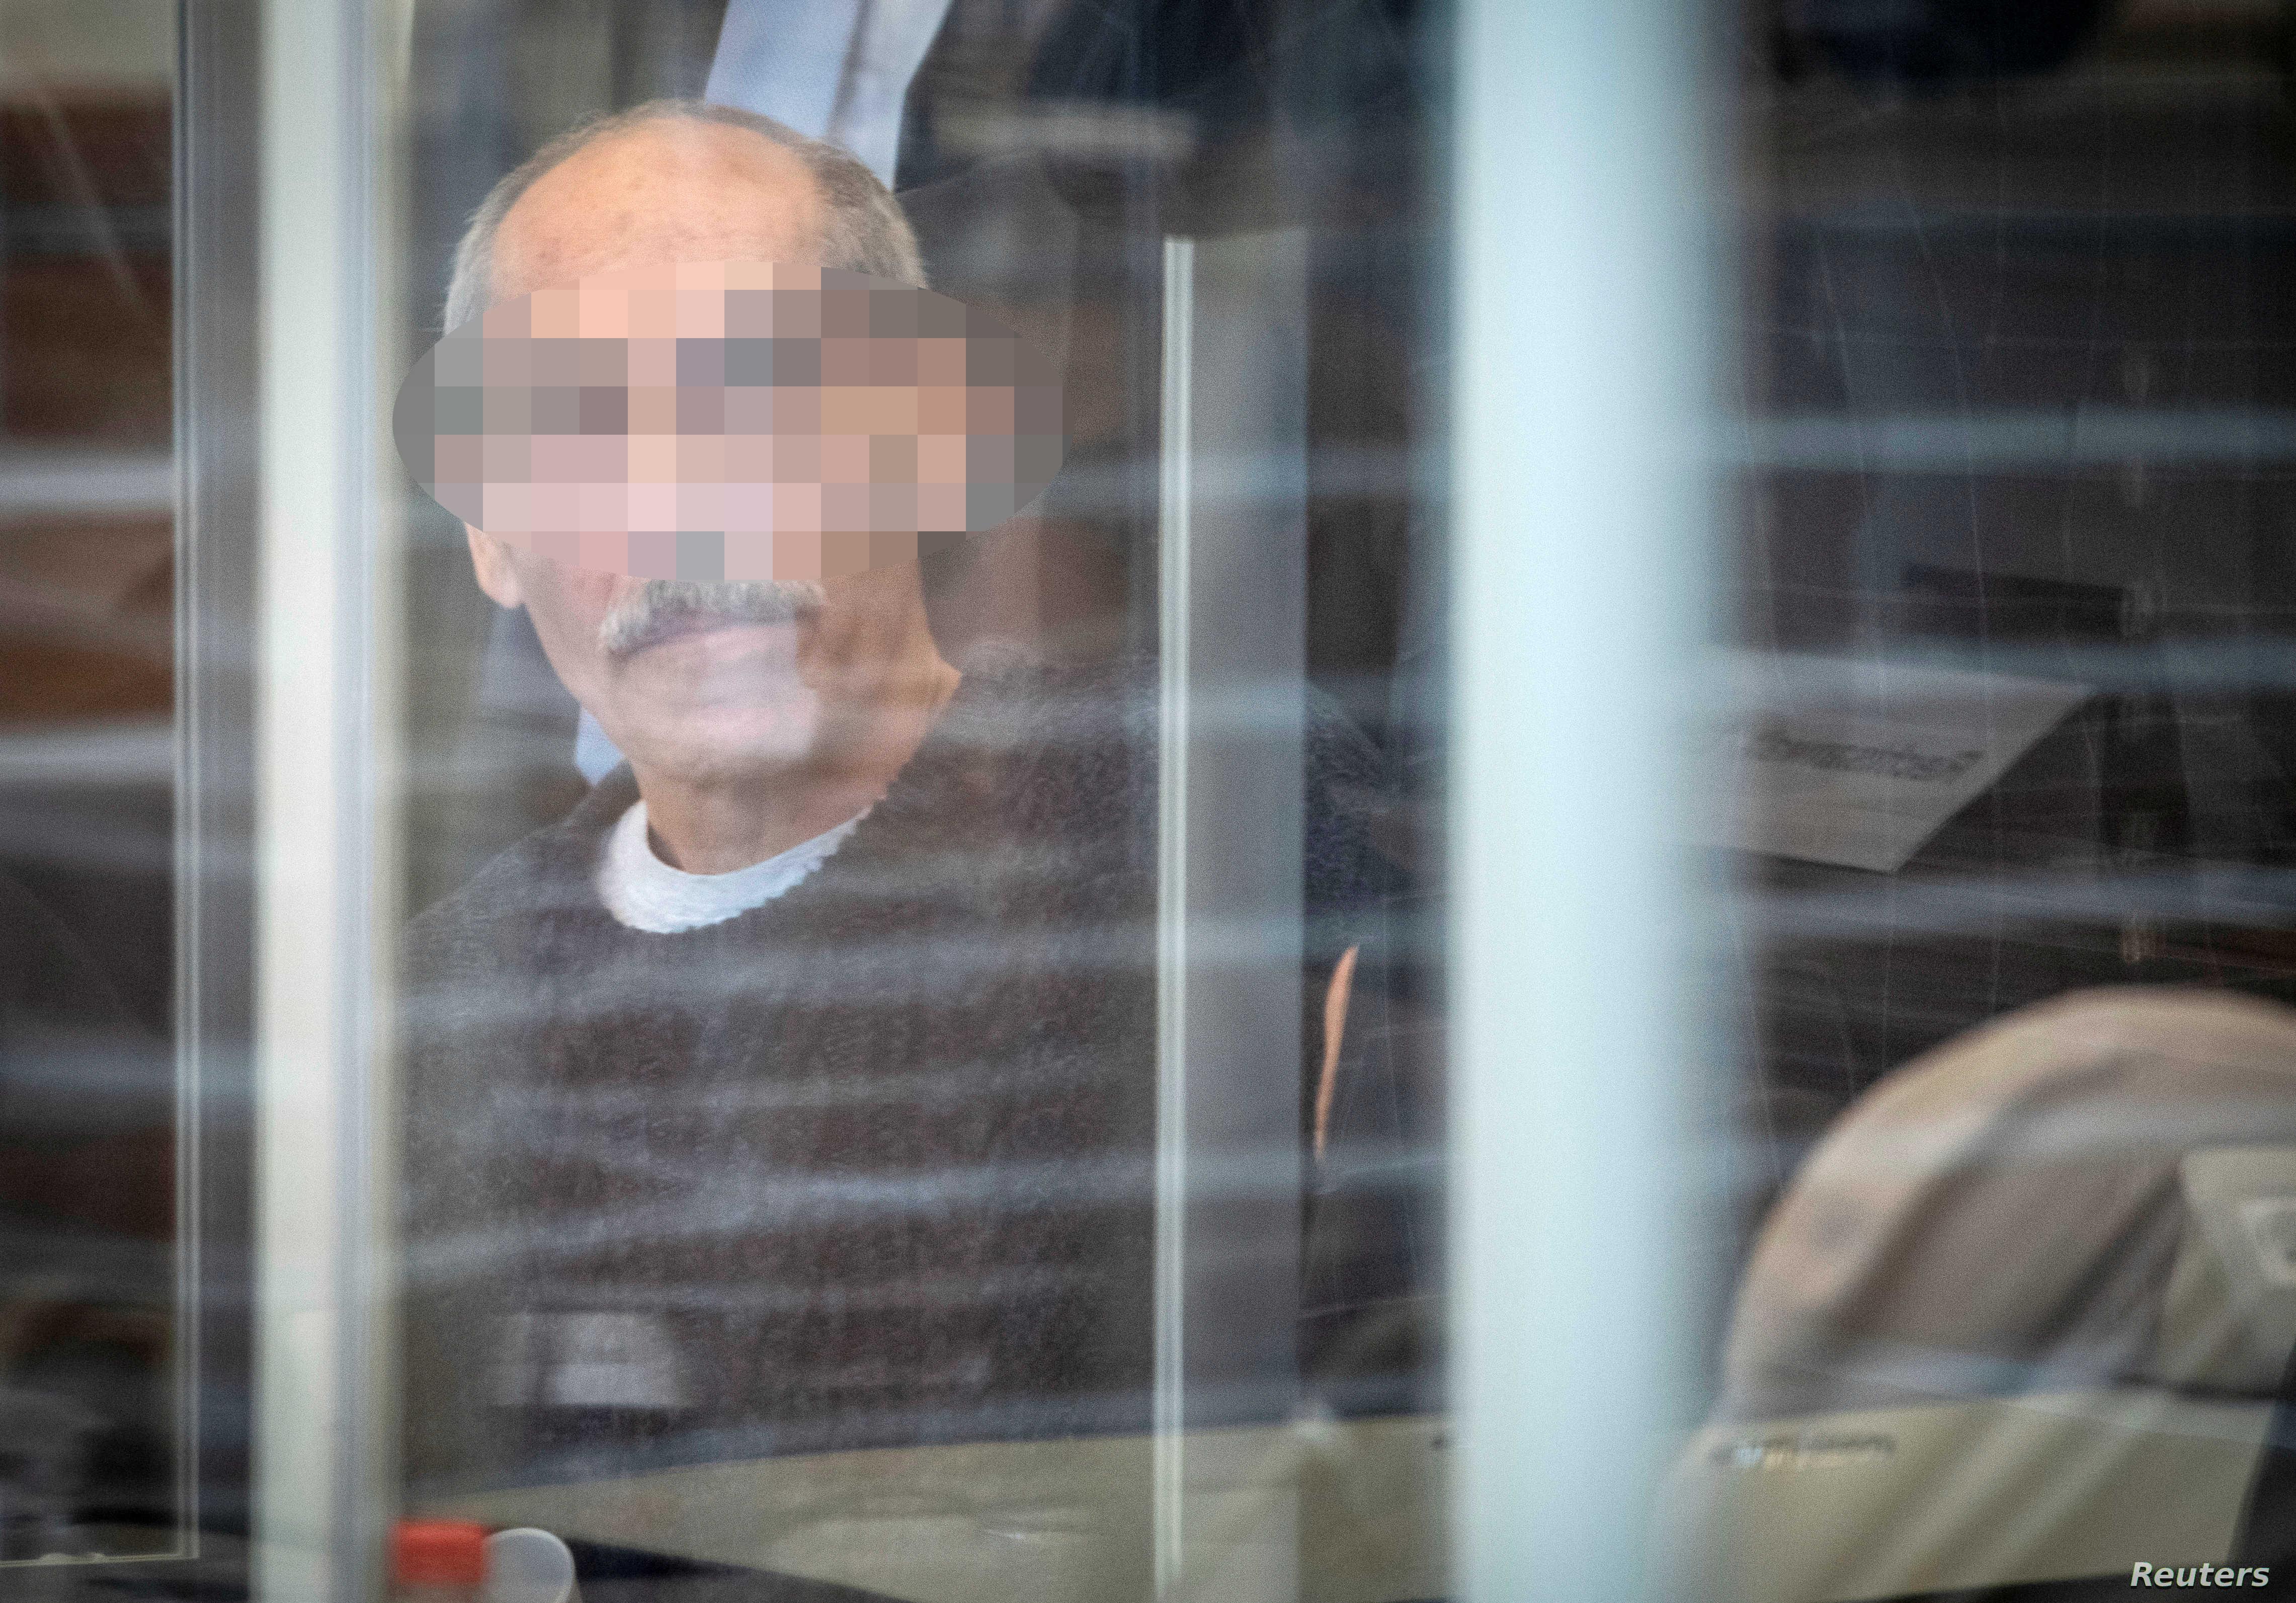 البني: نظام الأسد يحاول إرهاب الشهود للتشويش  على  قضية ضابط الاستخبارات بألمانيا